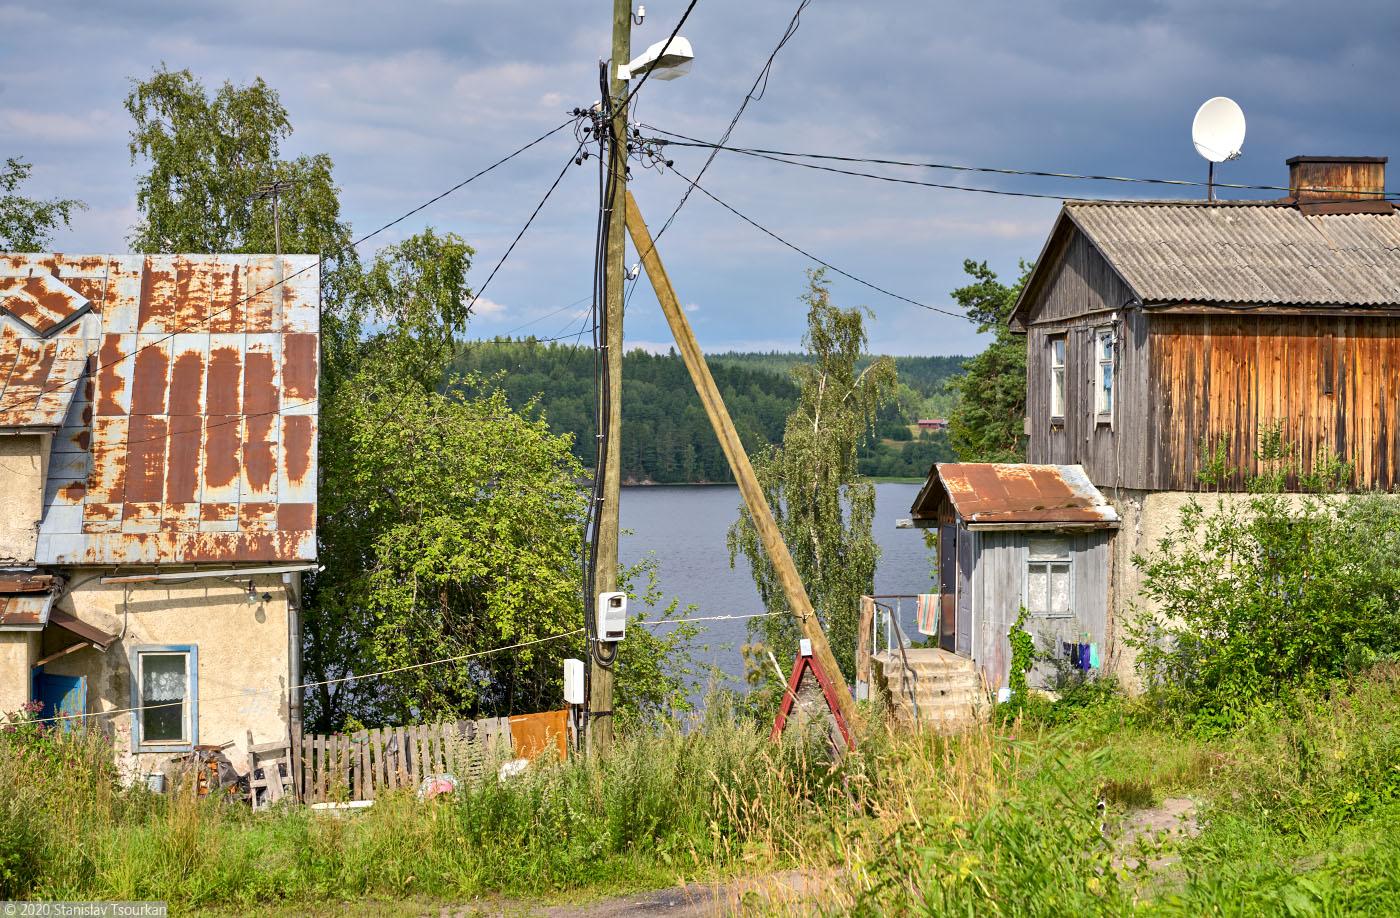 Лахденпохья, Карелия, республика Карелия, Заводская улица, финские дома